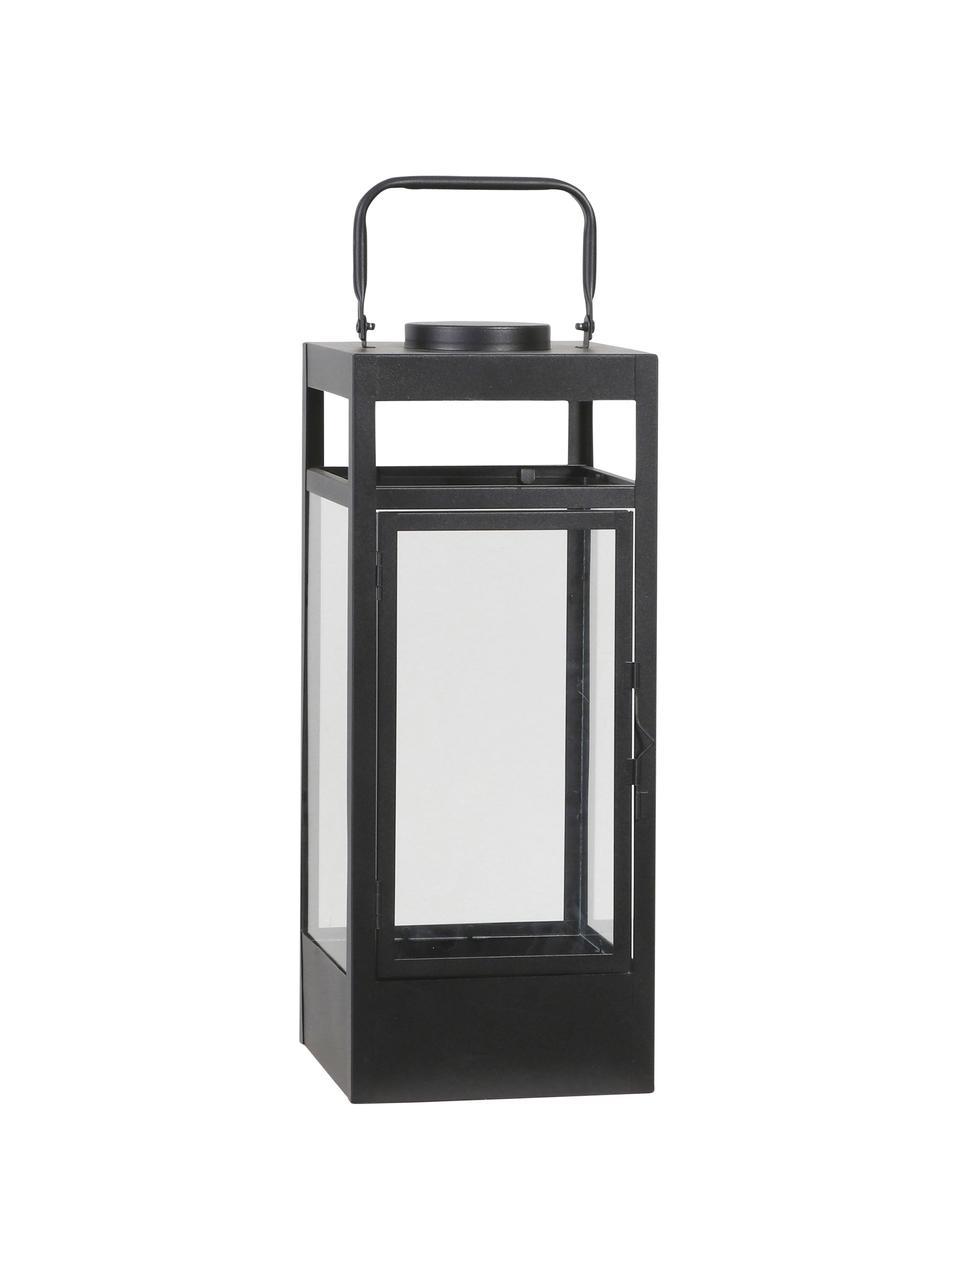 Latarenka mobilna zasilana na baterie LED Flint, Stelaż: metal powlekany, Czarny, S 20 x W 48 cm